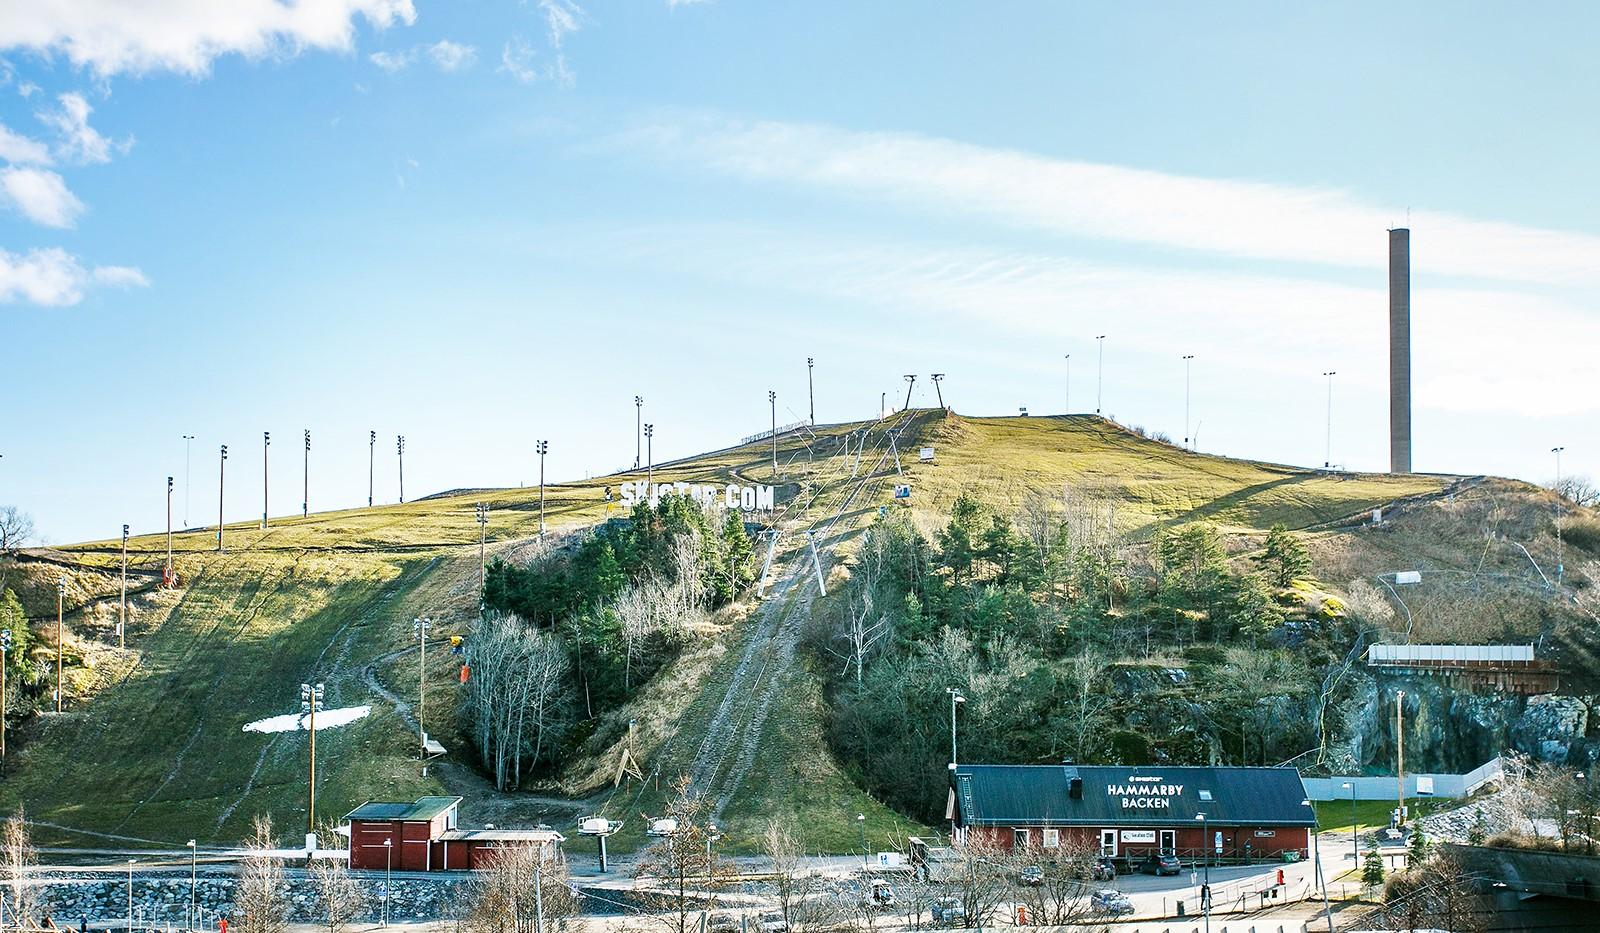 Sickla Kanalgata 64, vån 4 & 5 - Härifrån har man en fantastisk vy över Hammarbybacken